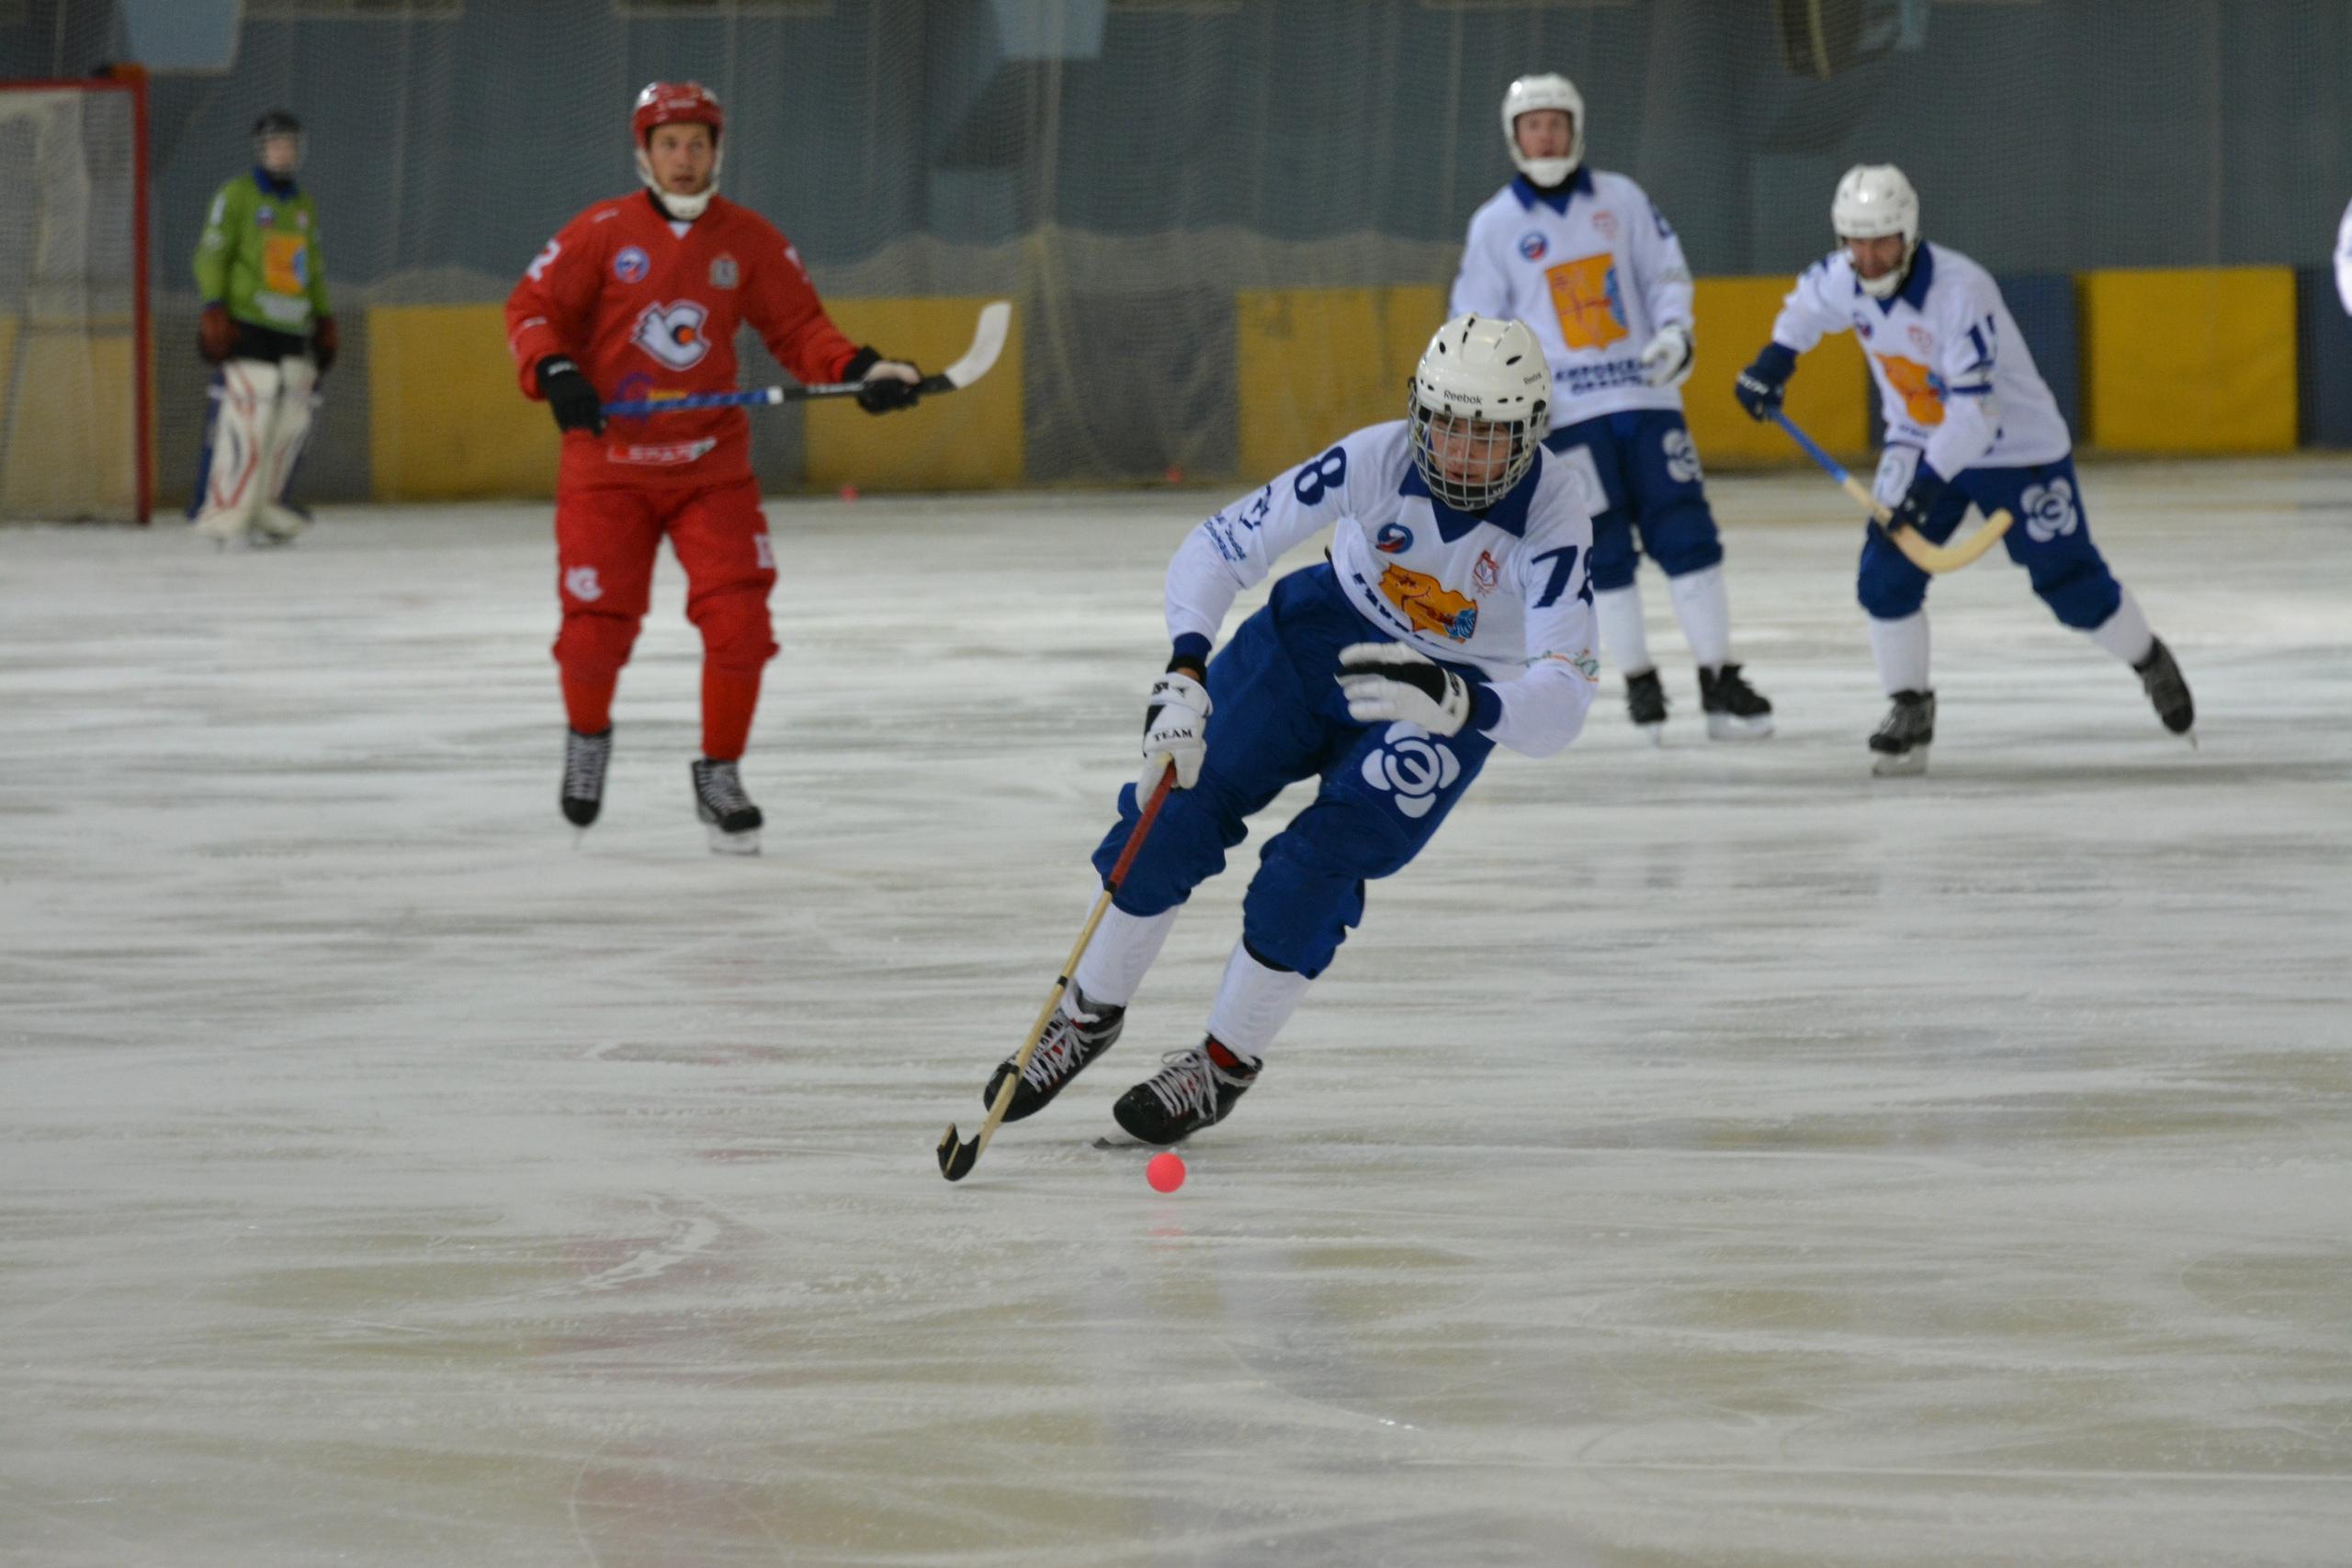 Состав кировской «Родины» пополнил ещё один воспитанник нижегородского хоккея.